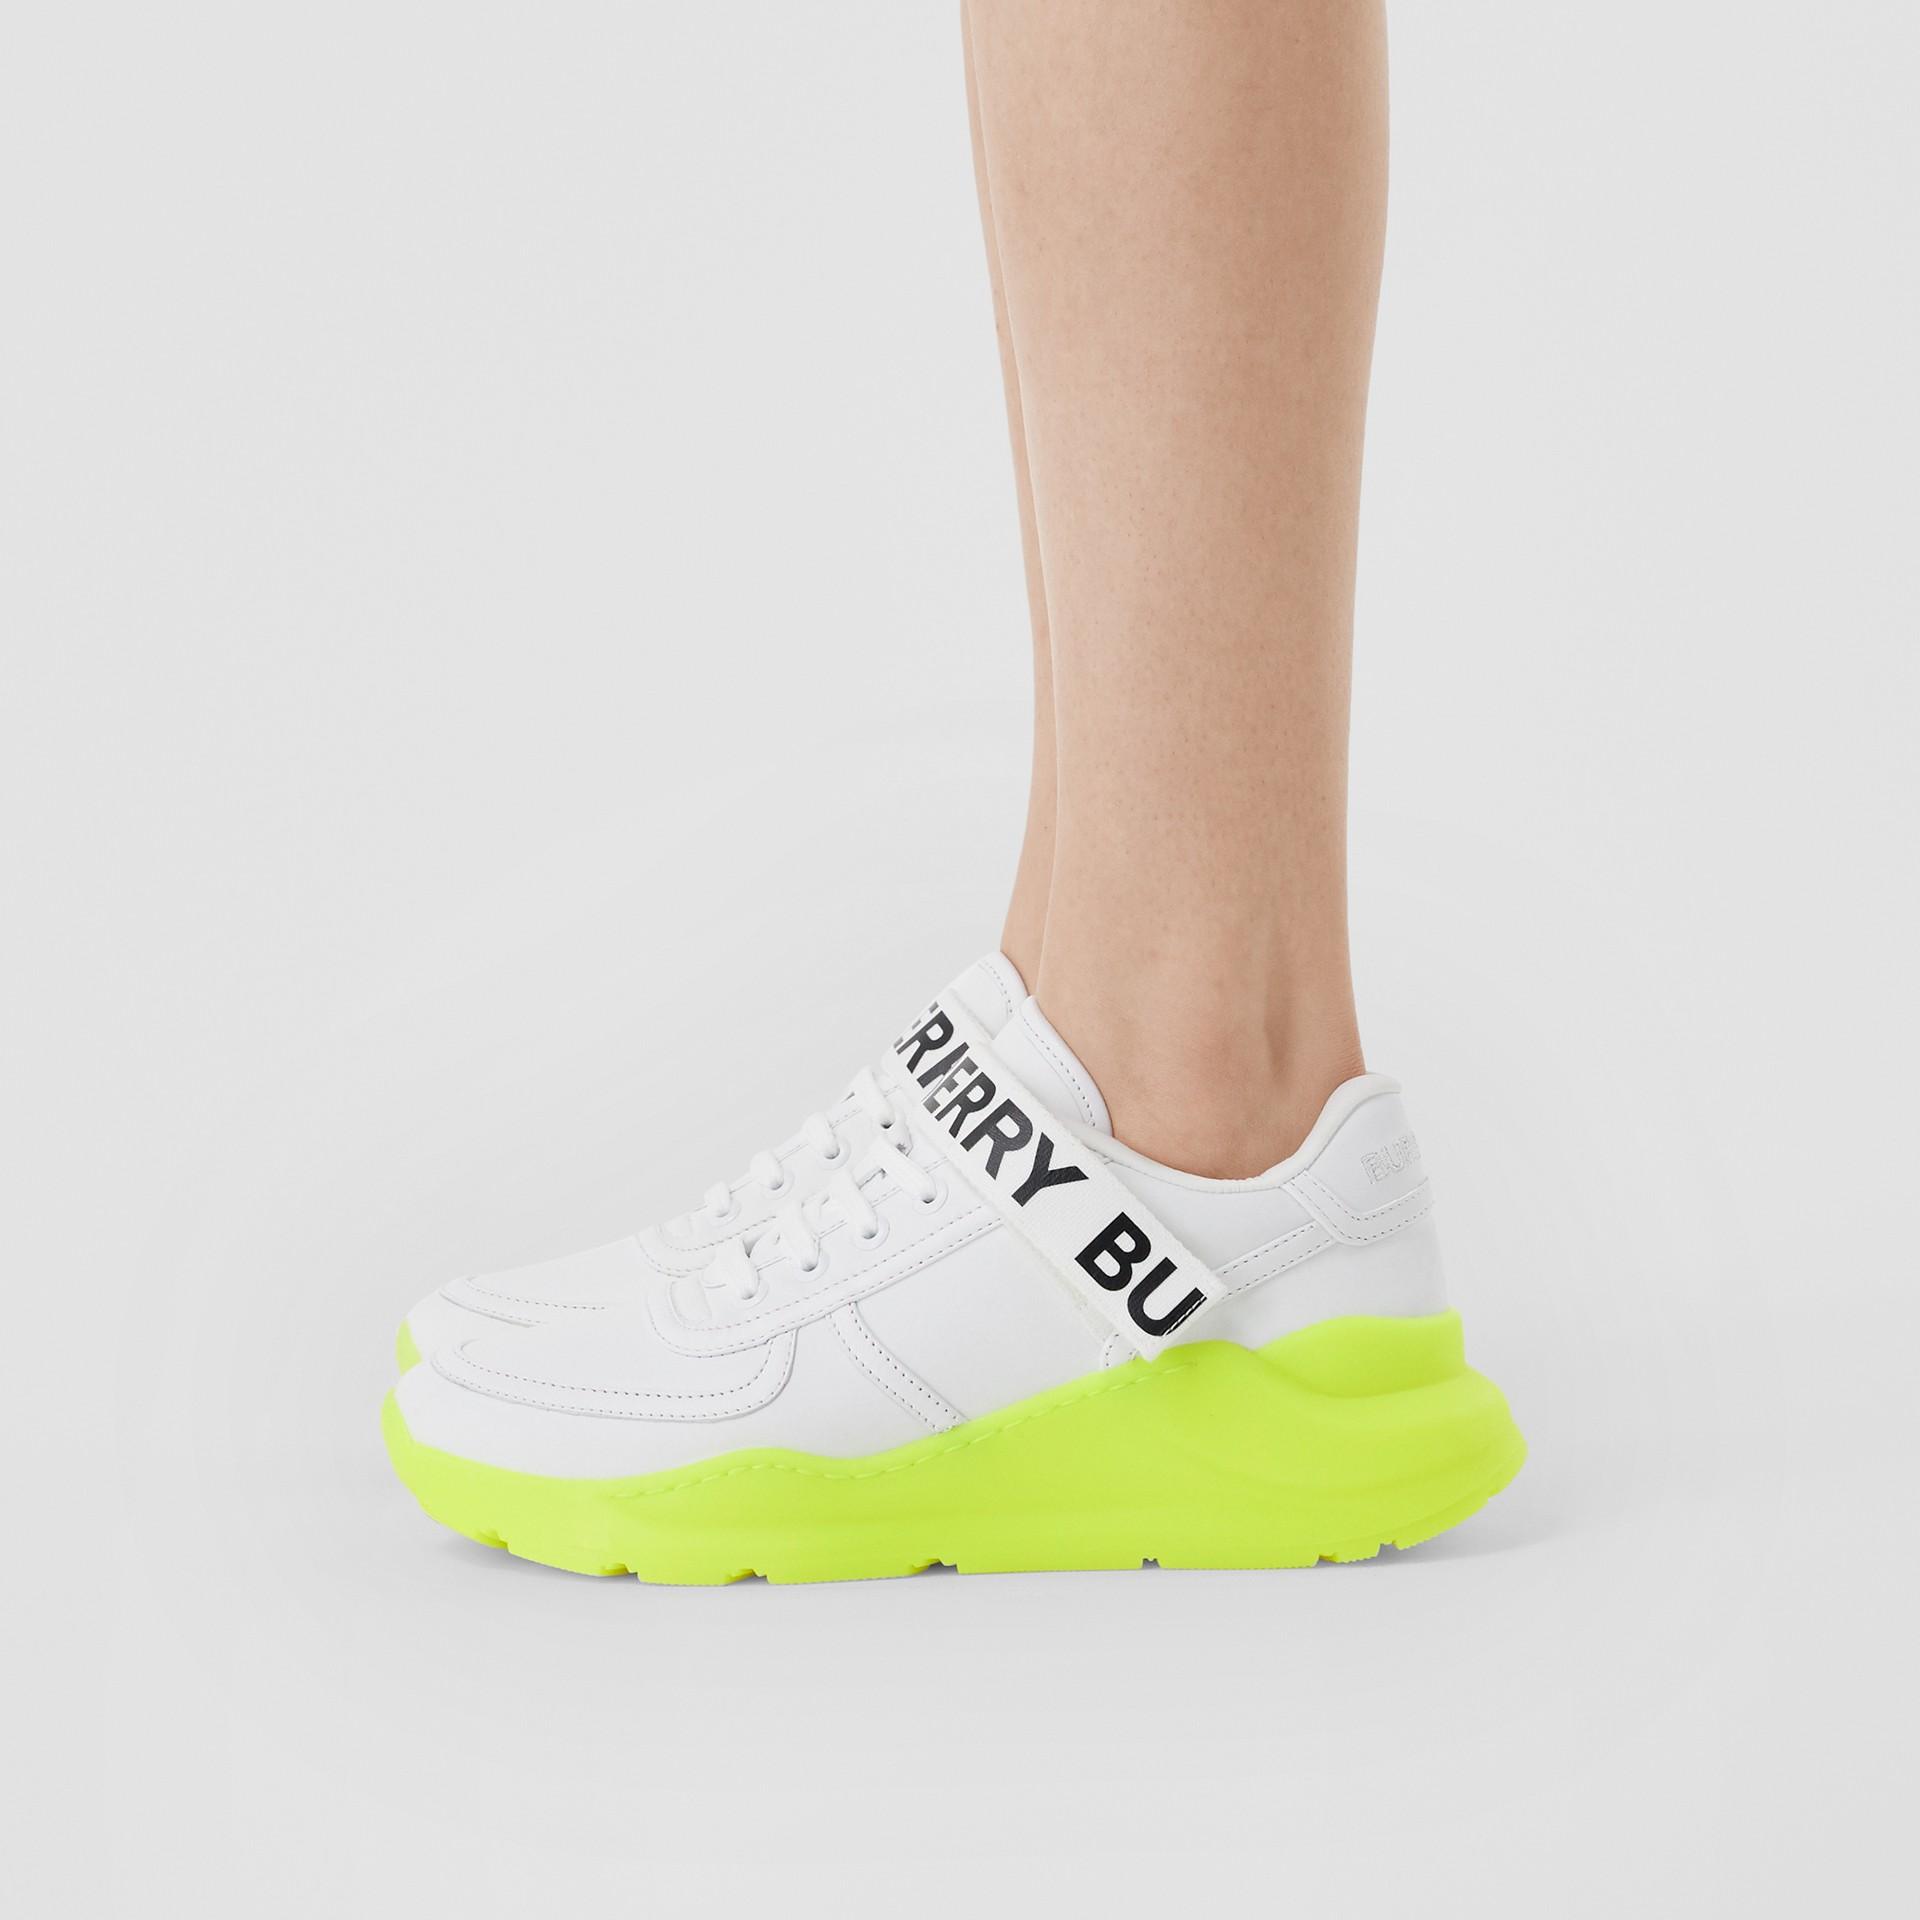 標誌細節皮革及尼龍運動鞋 (光白色/螢光黃) - 女款 | Burberry - 圖庫照片 2